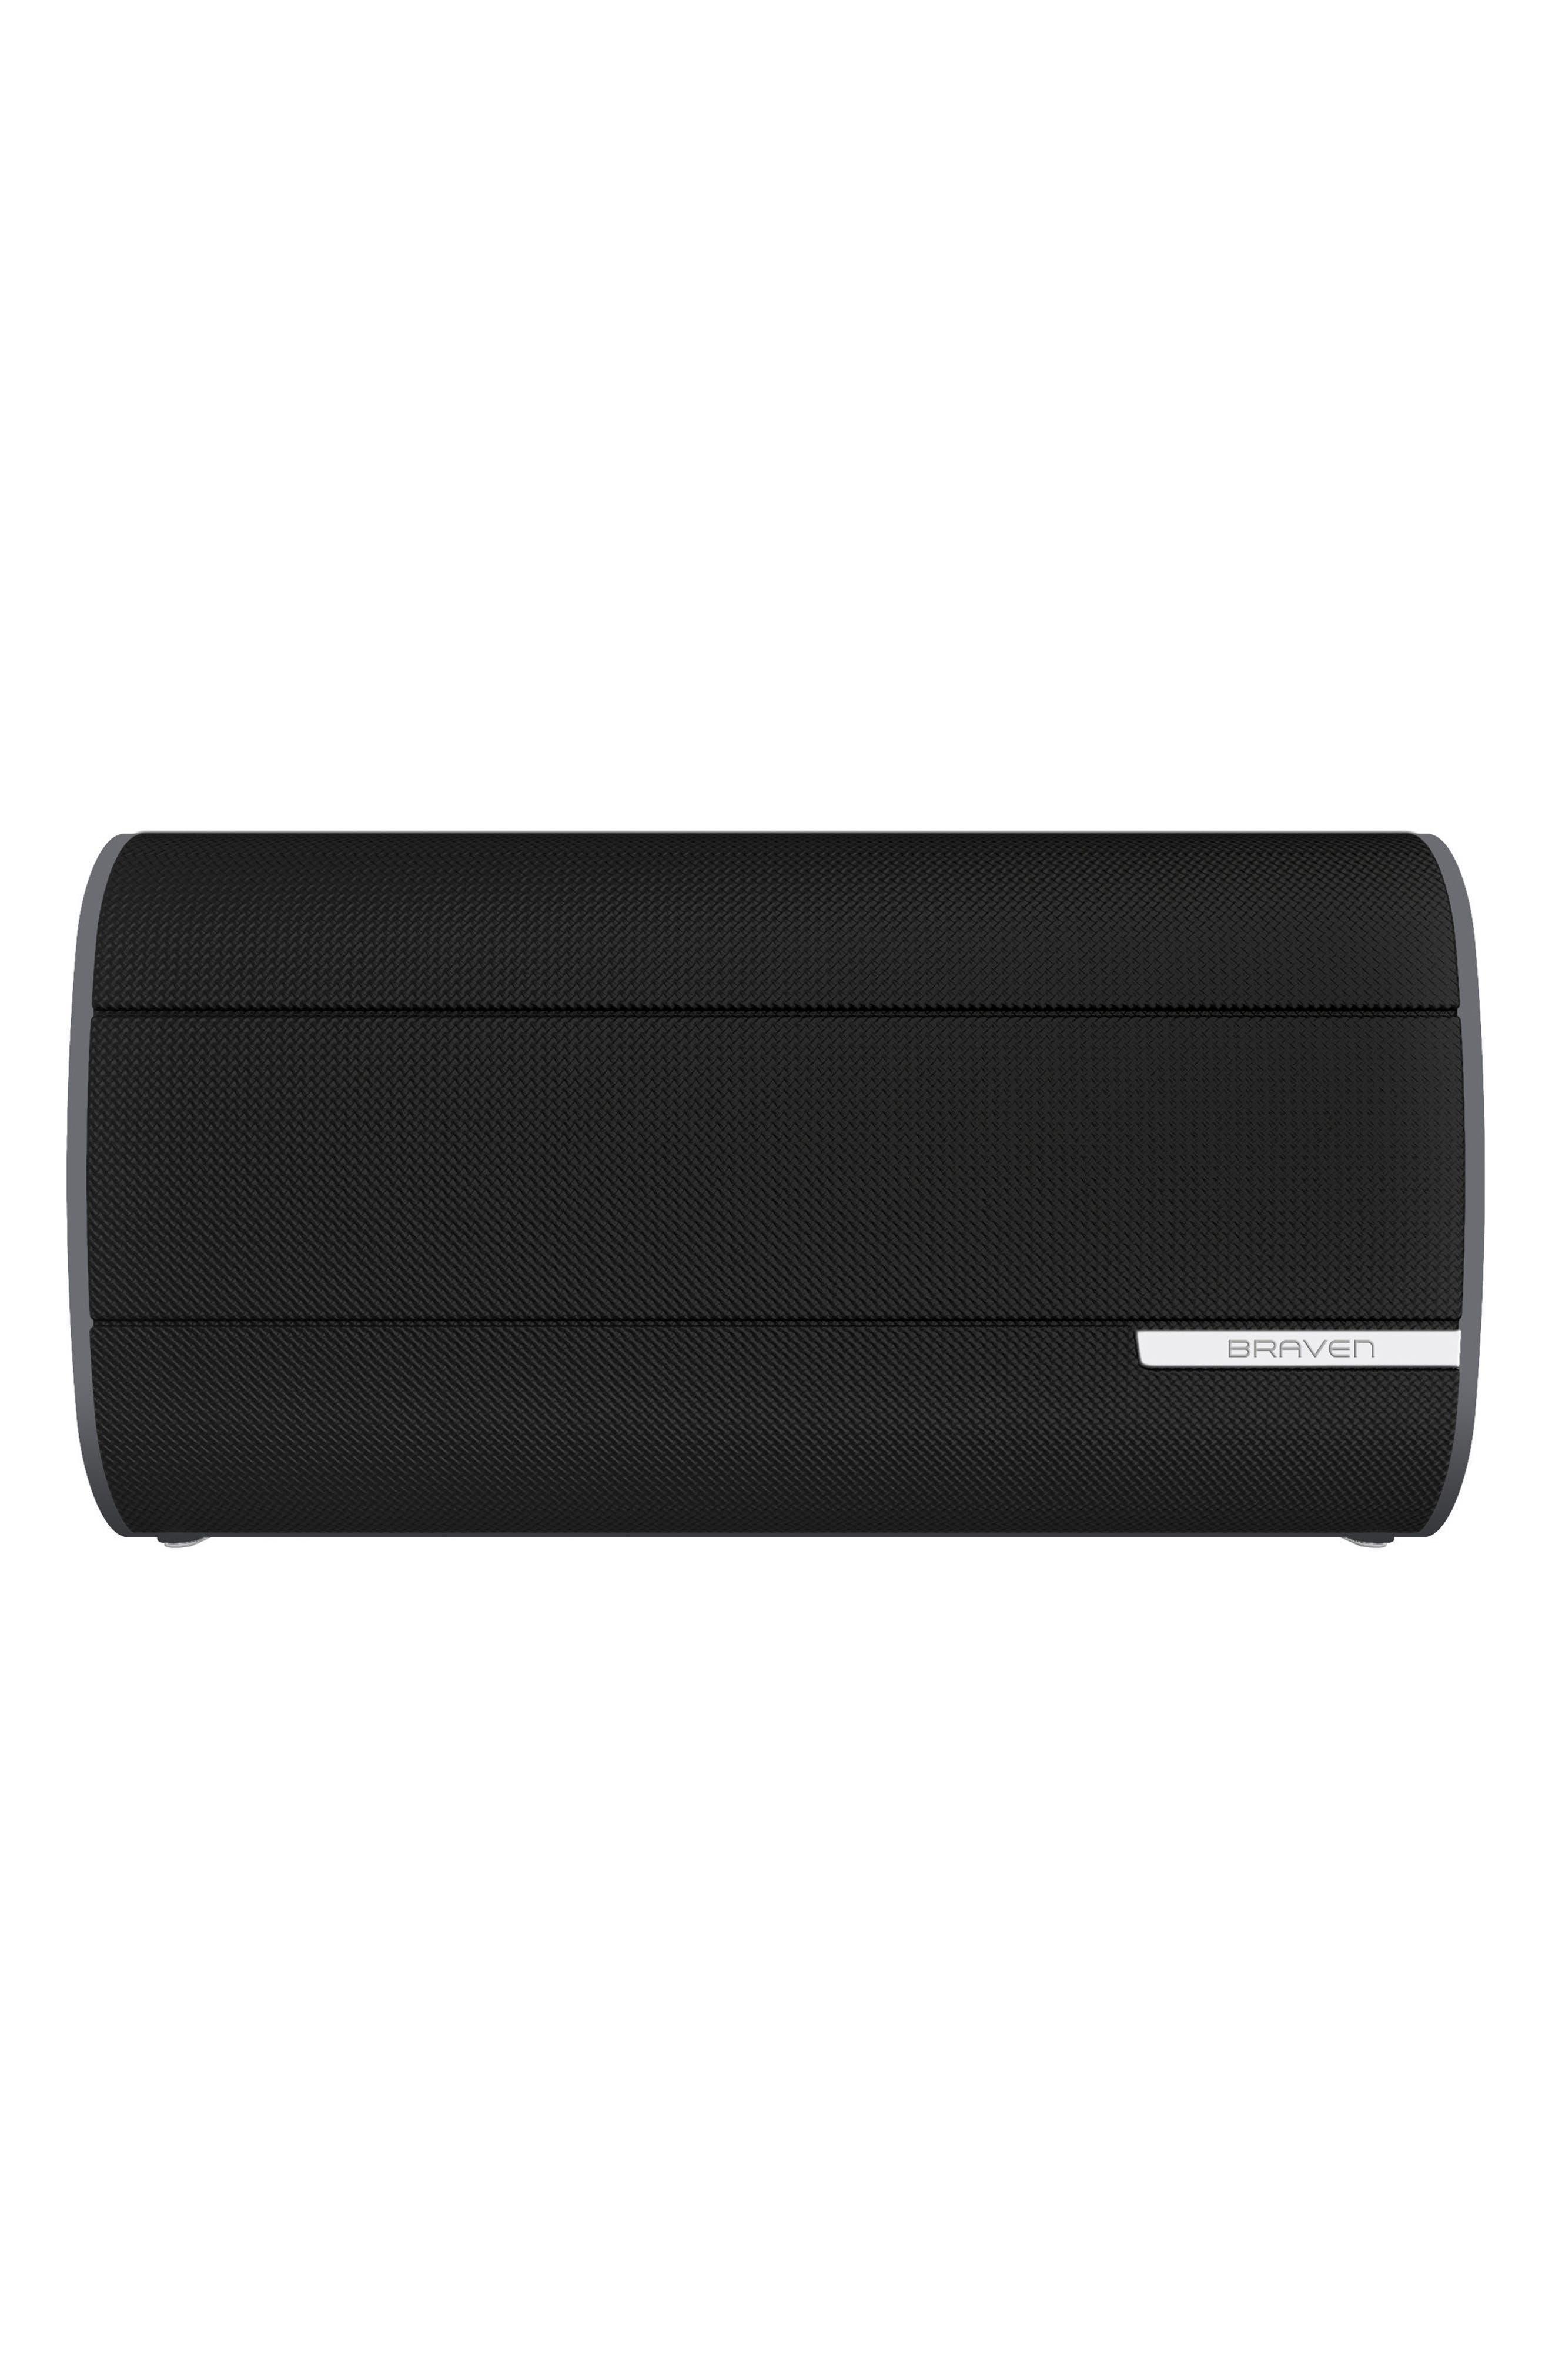 BRAVEN 2300 Bluetooth Speaker